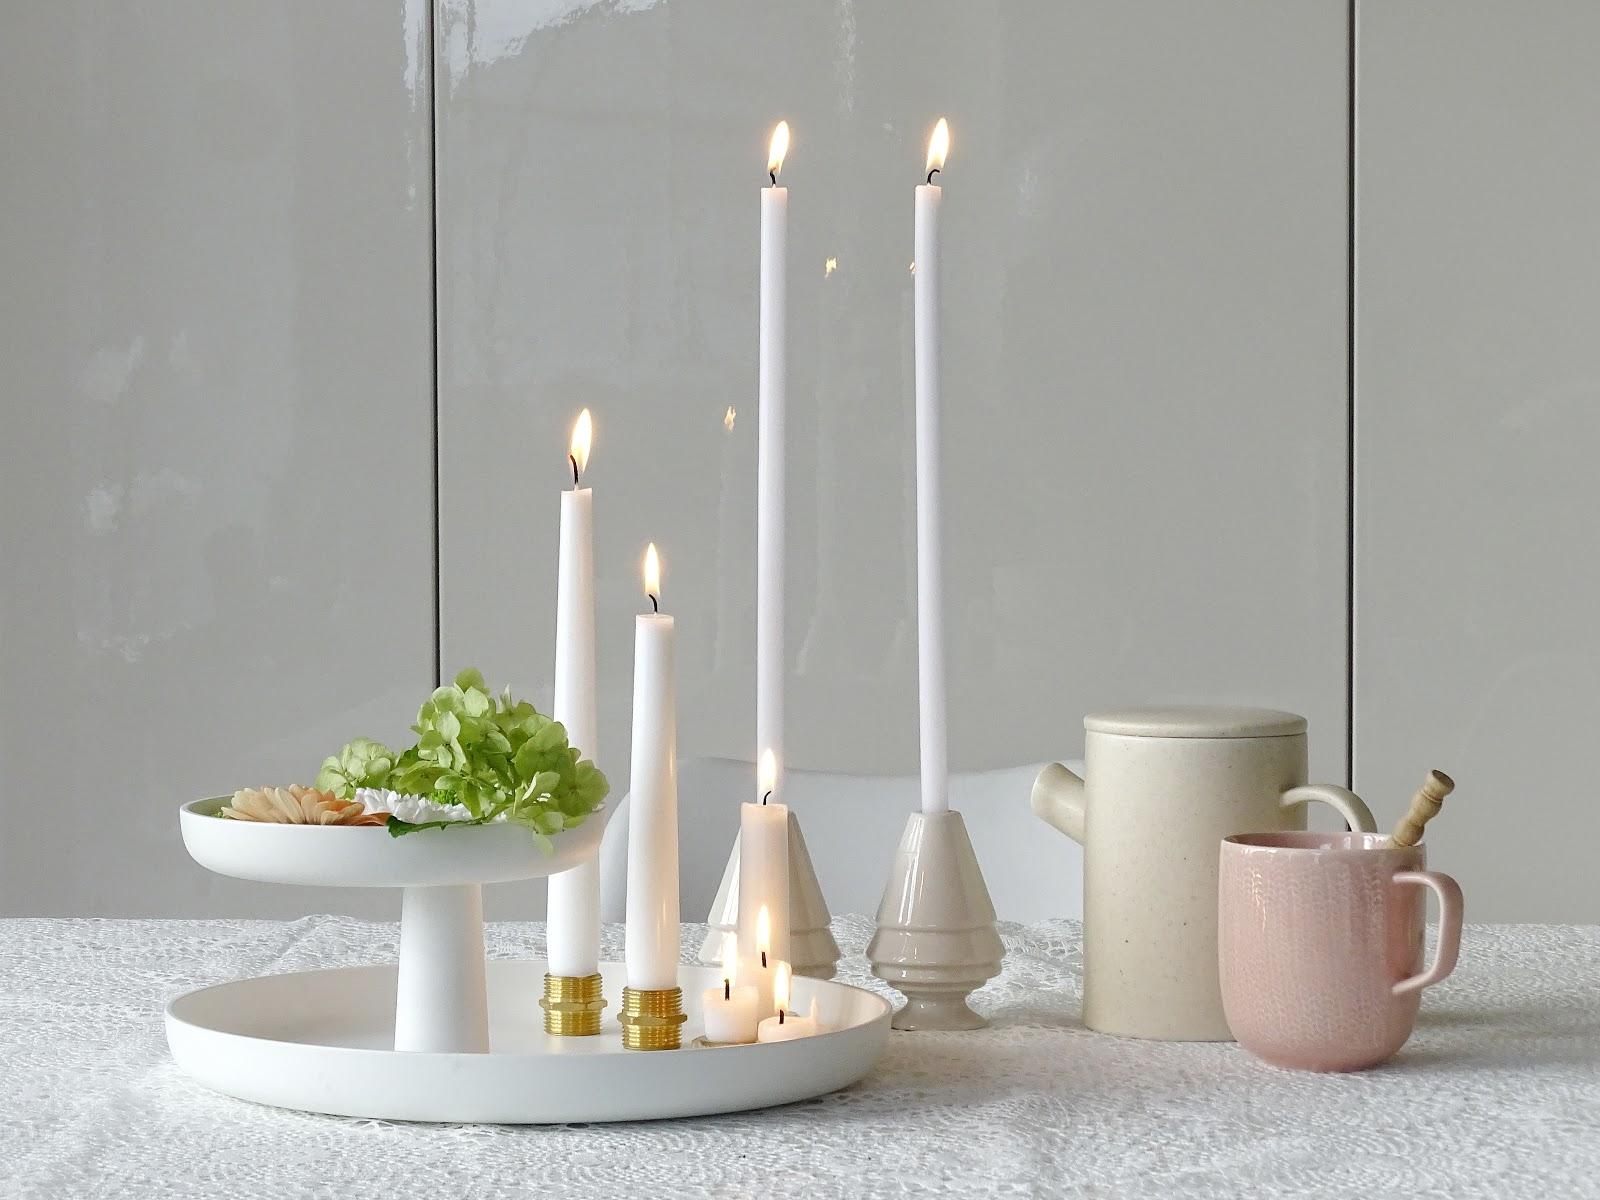 5 Deko-, Verwendungs- und Geschenk-Ideen mit Etageren - Schwimmende Blüten mit Kerzen - https://mammilade.blogspot.de